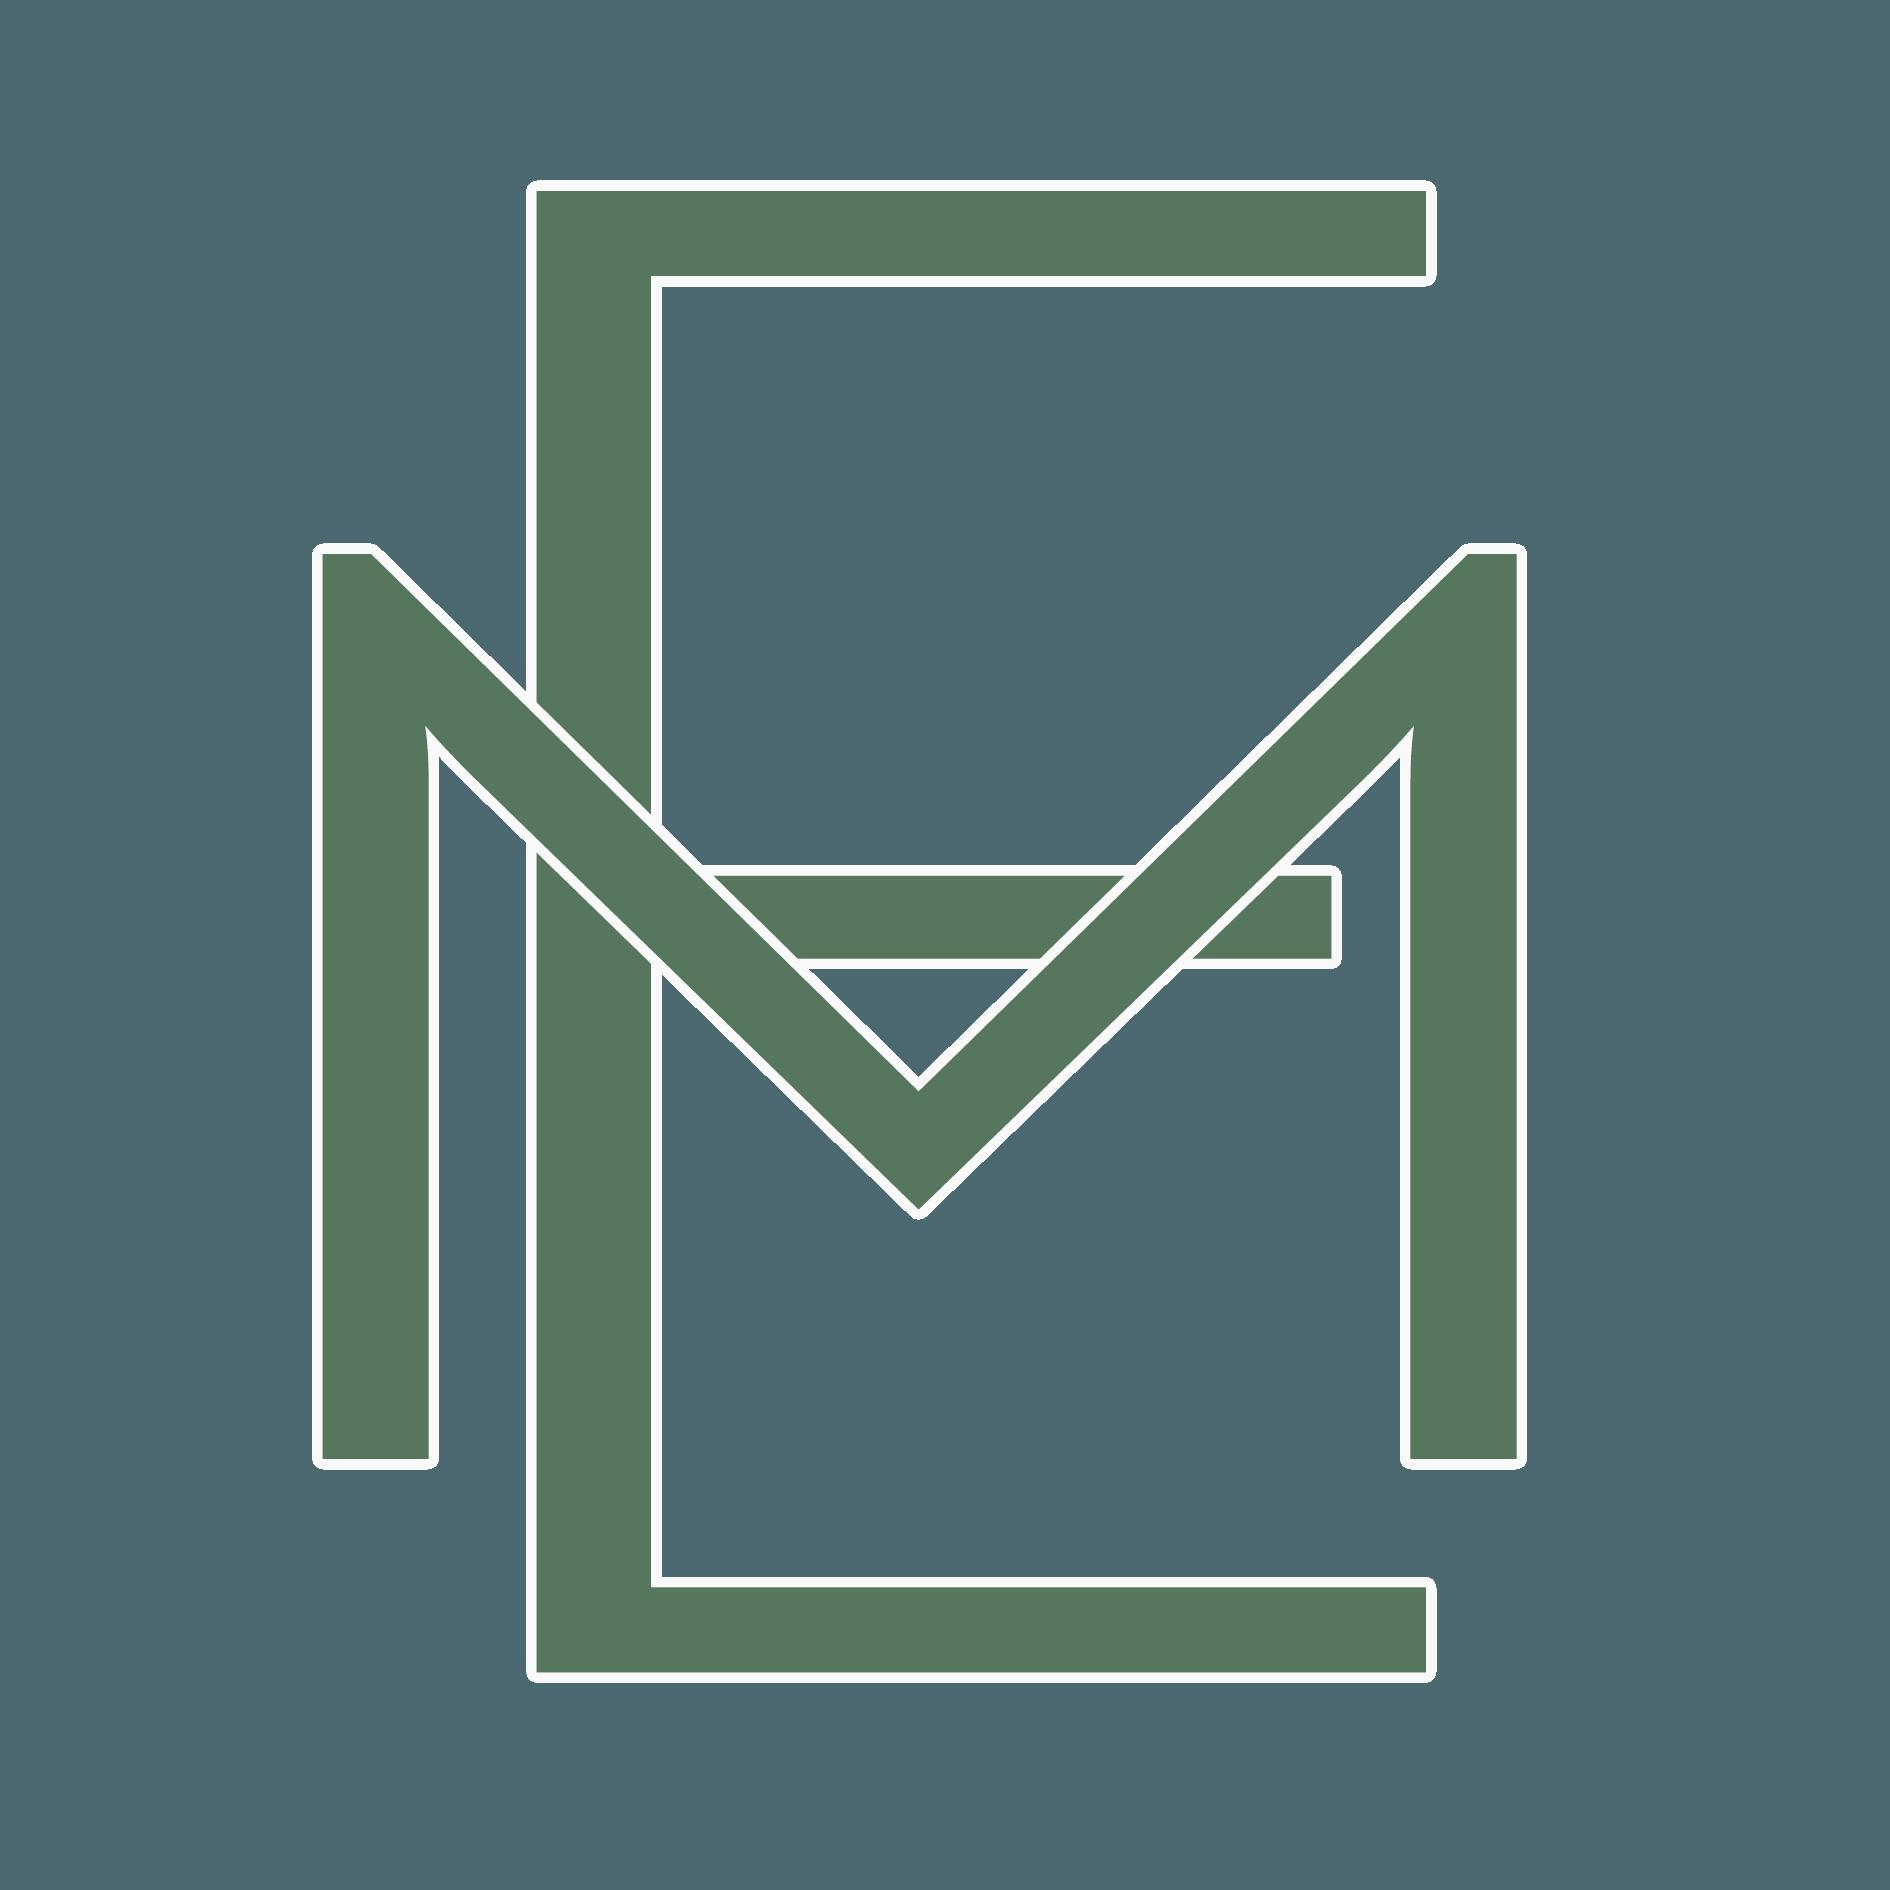 LogoPNG 1920w